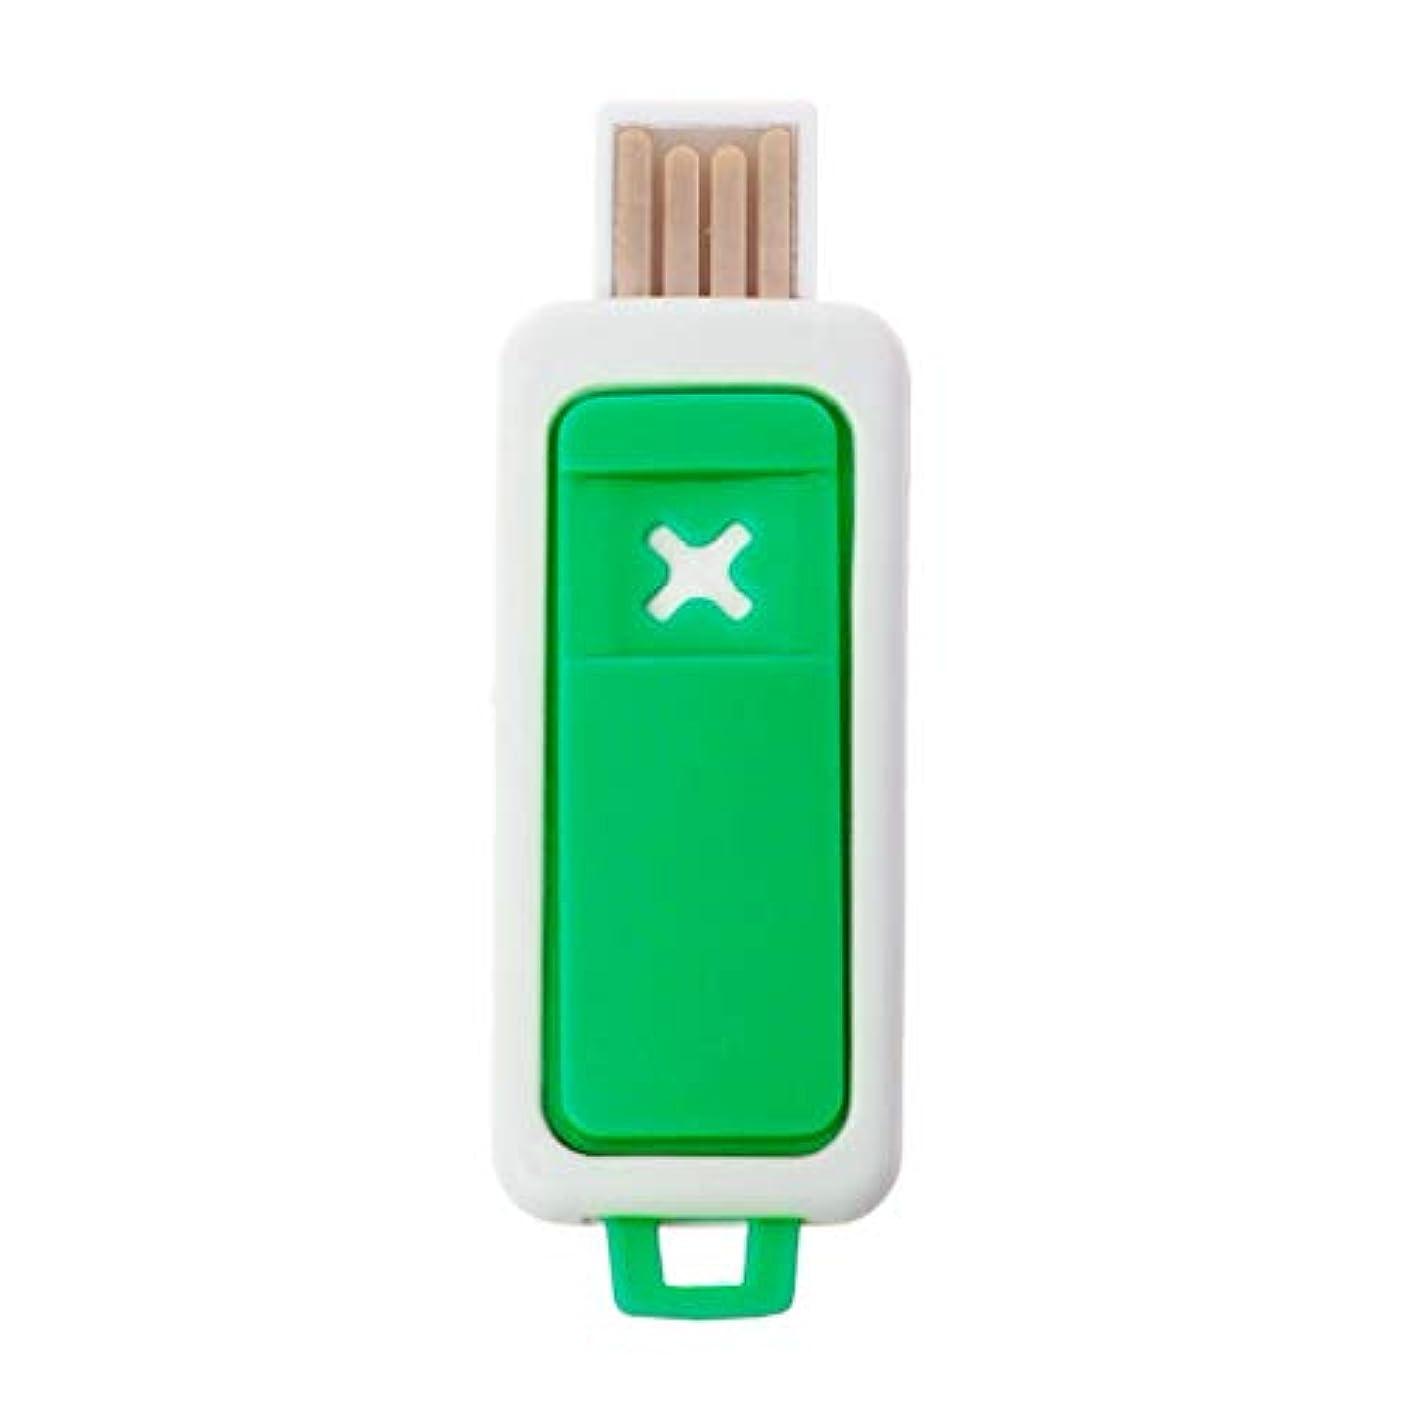 ブレイズモードリン焦がすSimpleLife ポータブルミニエッセンシャルオイルディフューザーアロマUSBアロマセラピー加湿器デバイス(グリーン2.3x6.7cm / 0.91x2.64in)